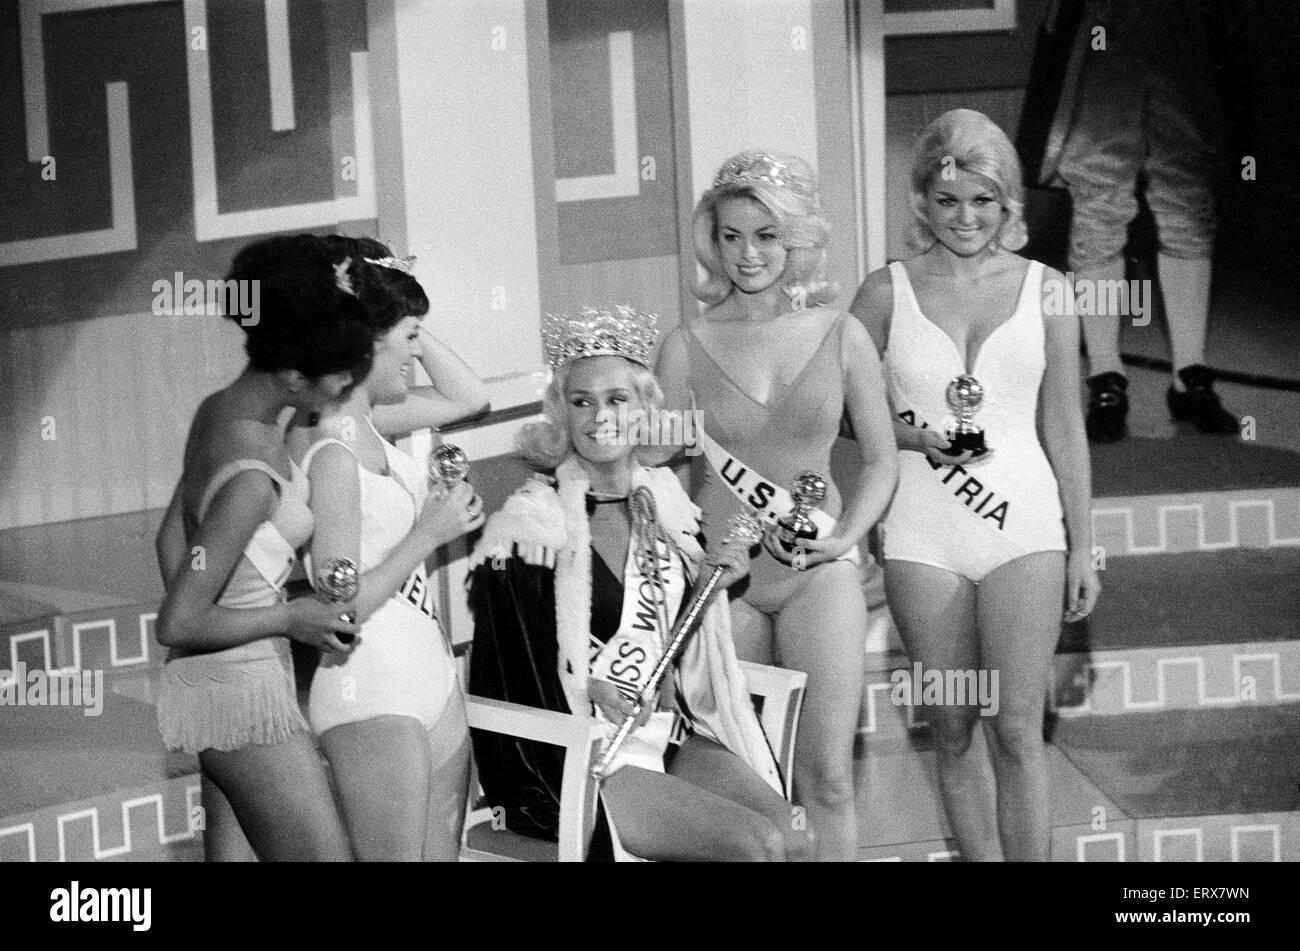 Concurso de Miss Mundo, en el Lyceum Ballroom de Londres, Viernes, 19 de noviembre de 1965. Miss Reino Unido - Lesley Imagen De Stock